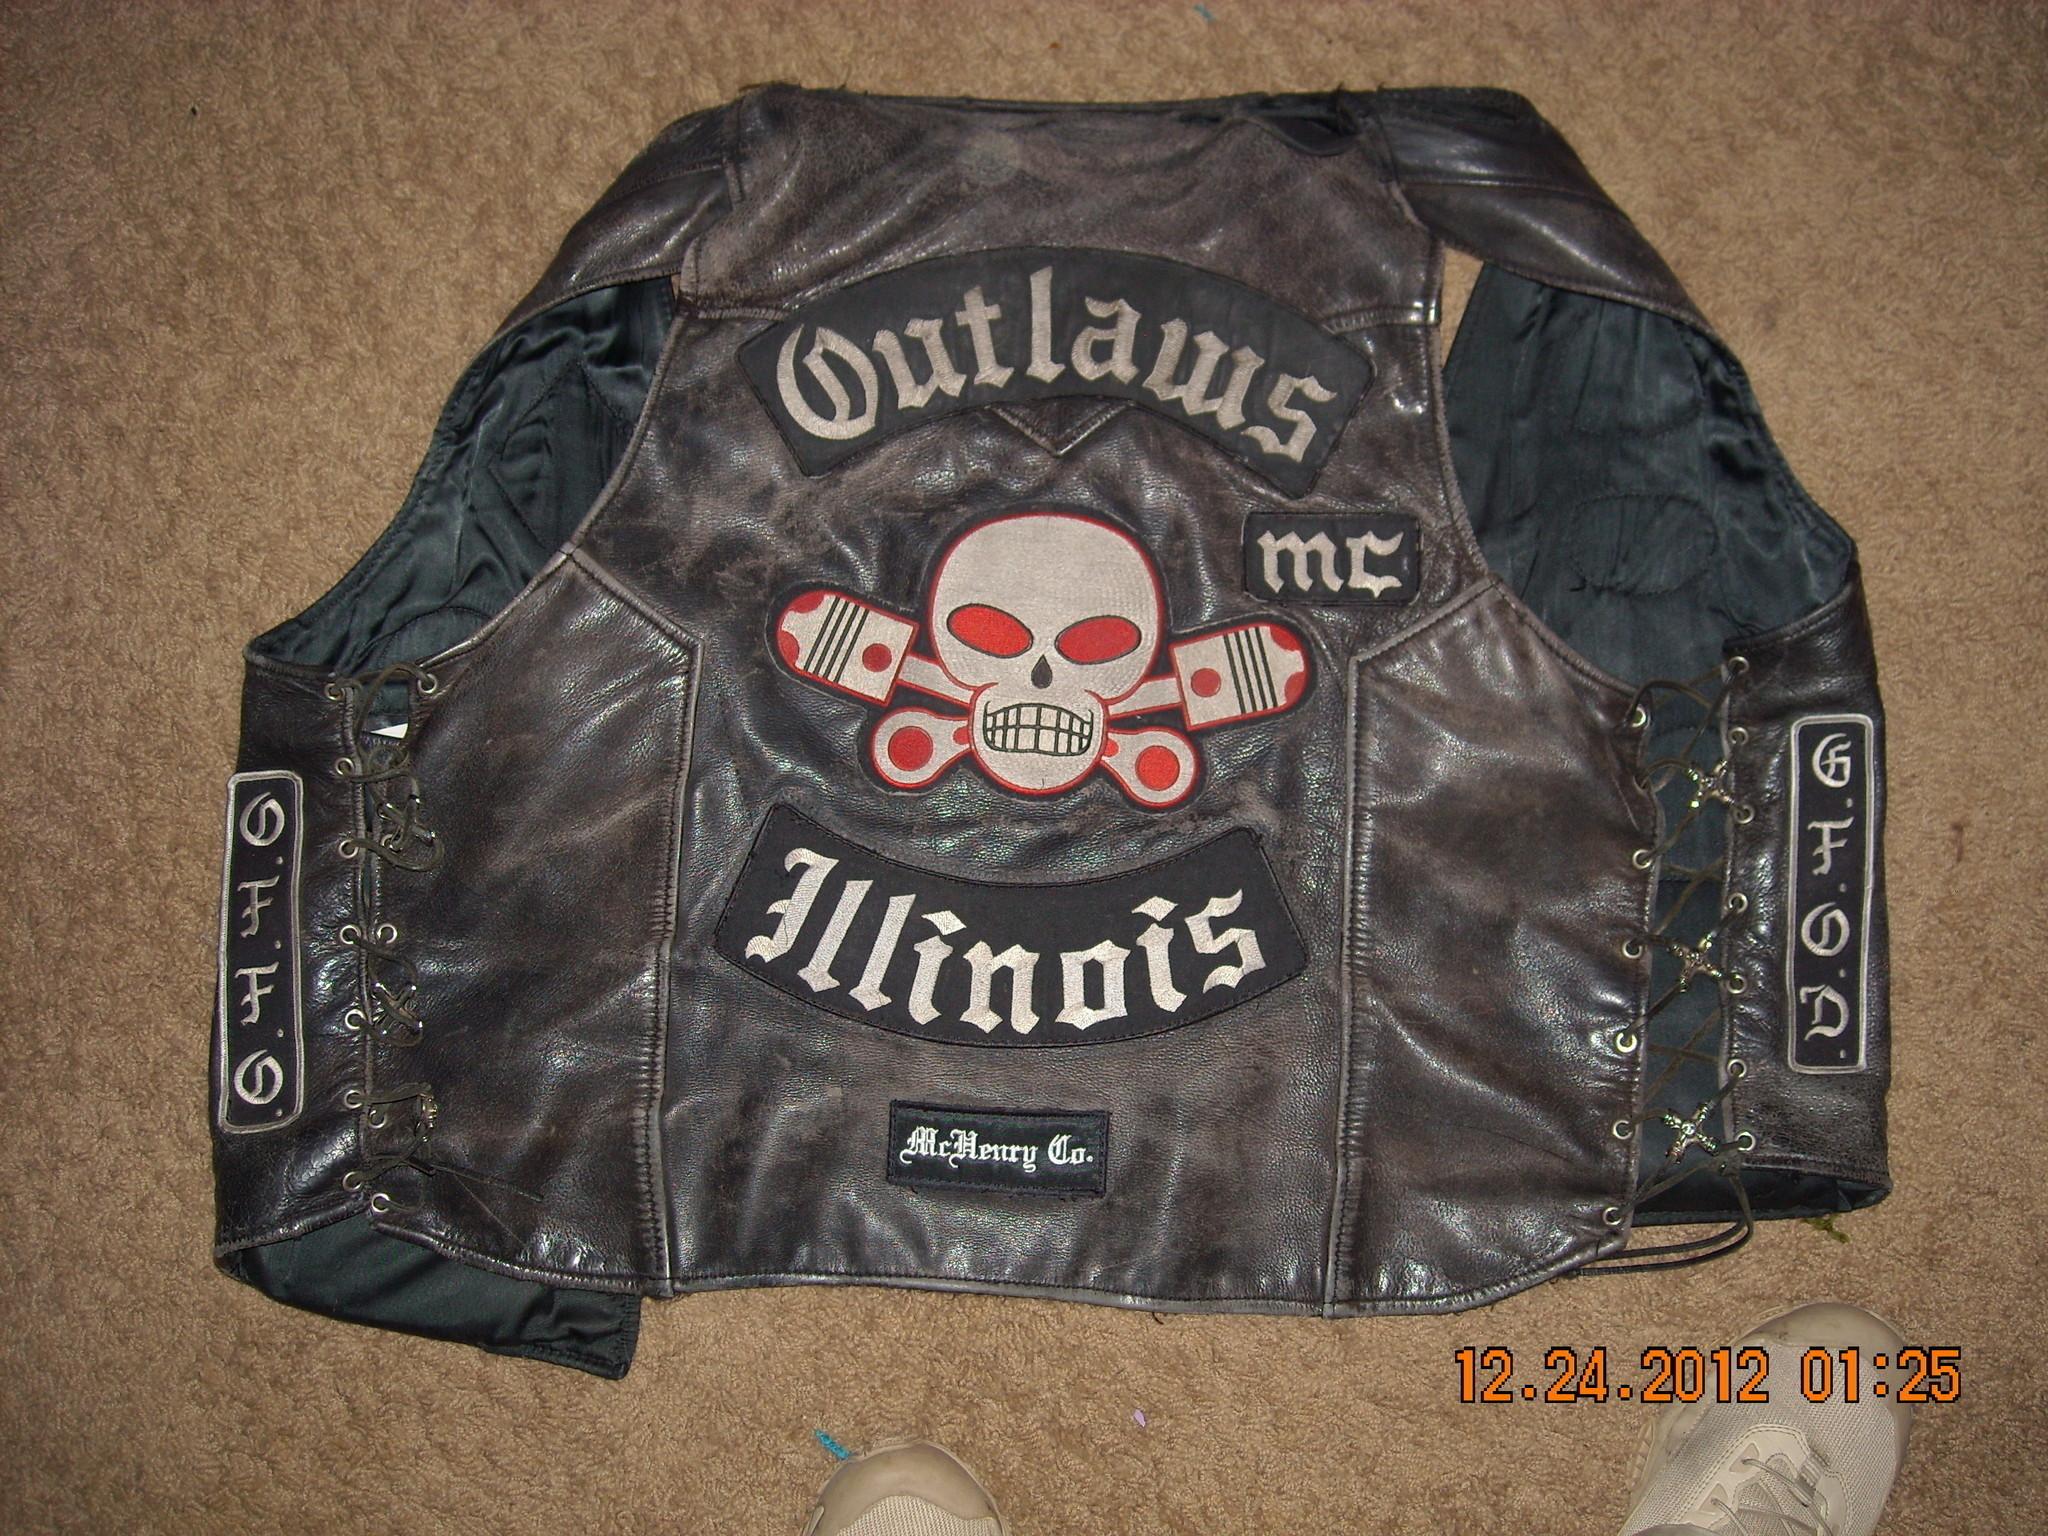 Res: 2048x1536, Outlaws biker club still seeks return of leather vests after bar fight -  Chicago Tribune